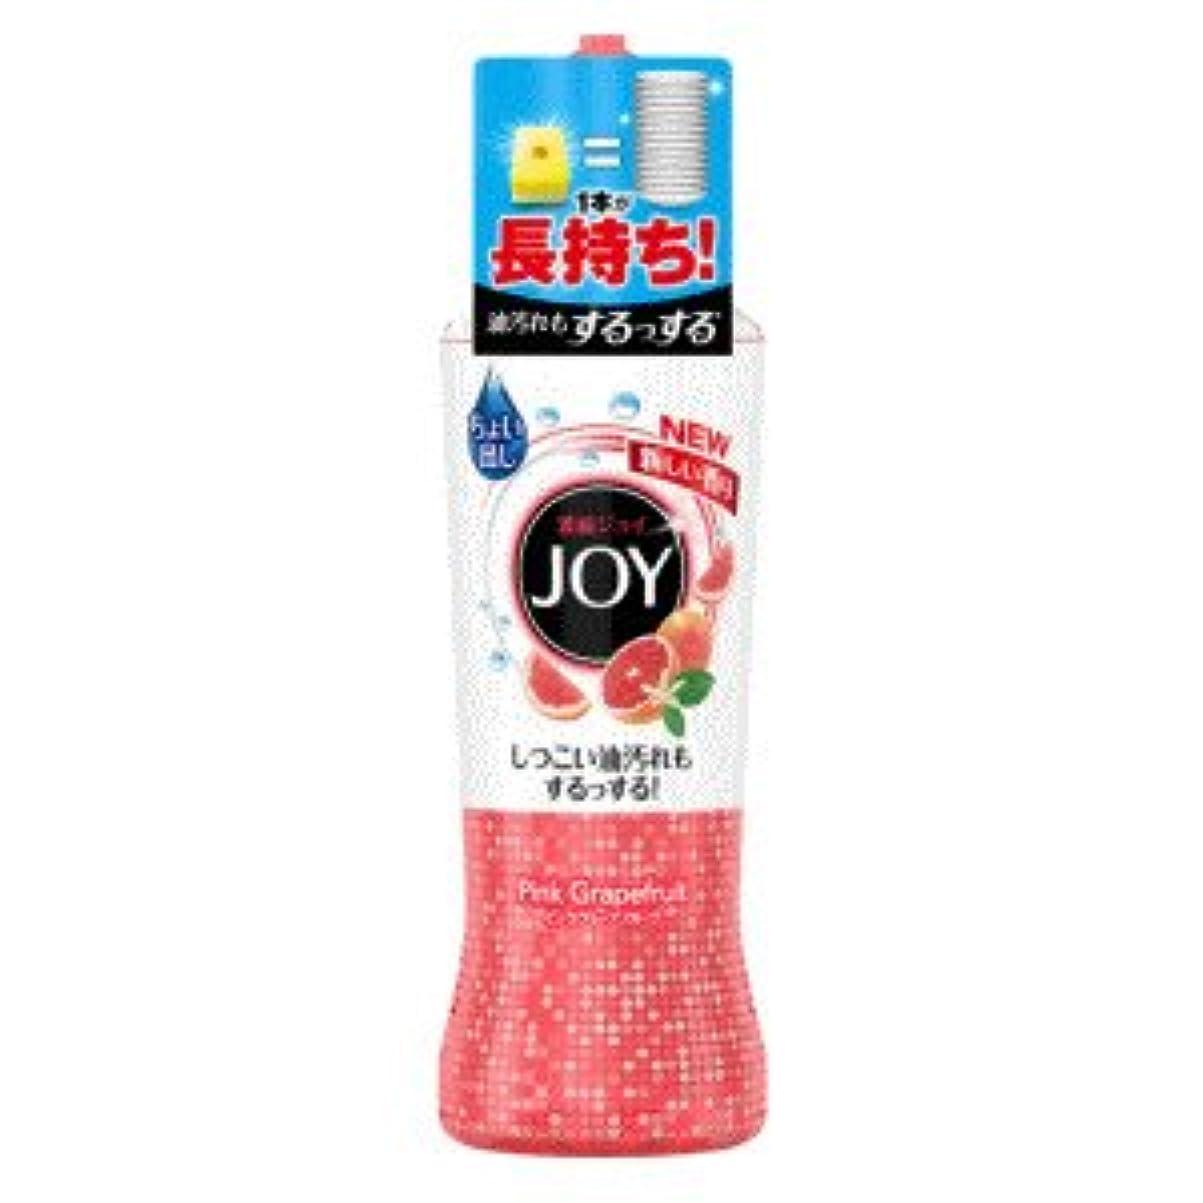 (P&G)パンテーン モイストスムースケア シャンプー 詰替 330ml/新商品/(お買い得3個セット)